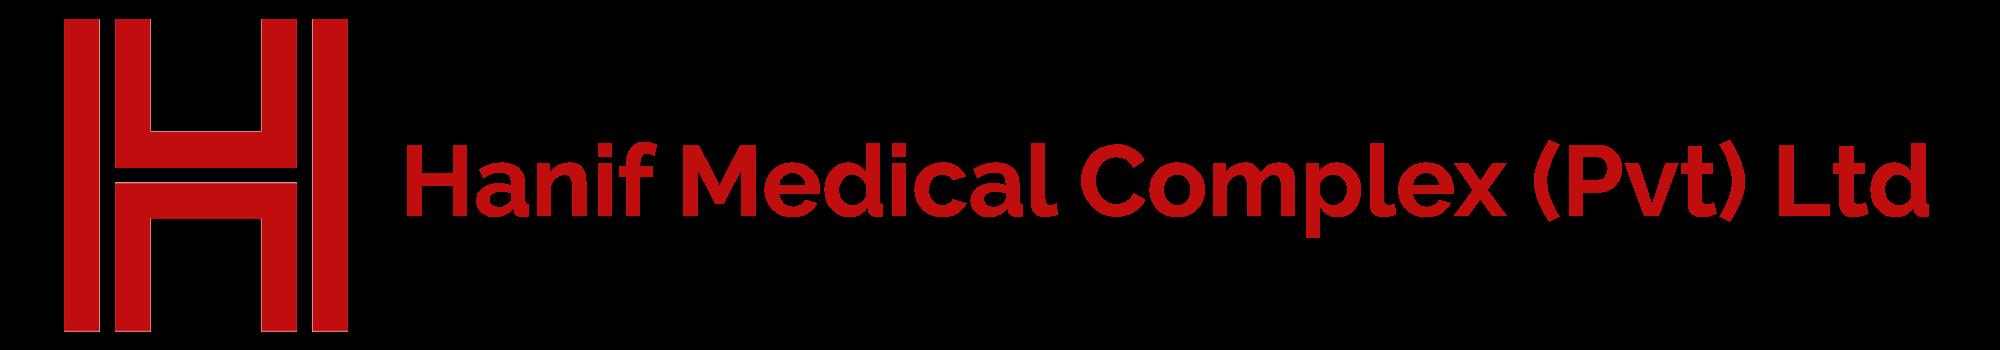 Hanif Medical Complex